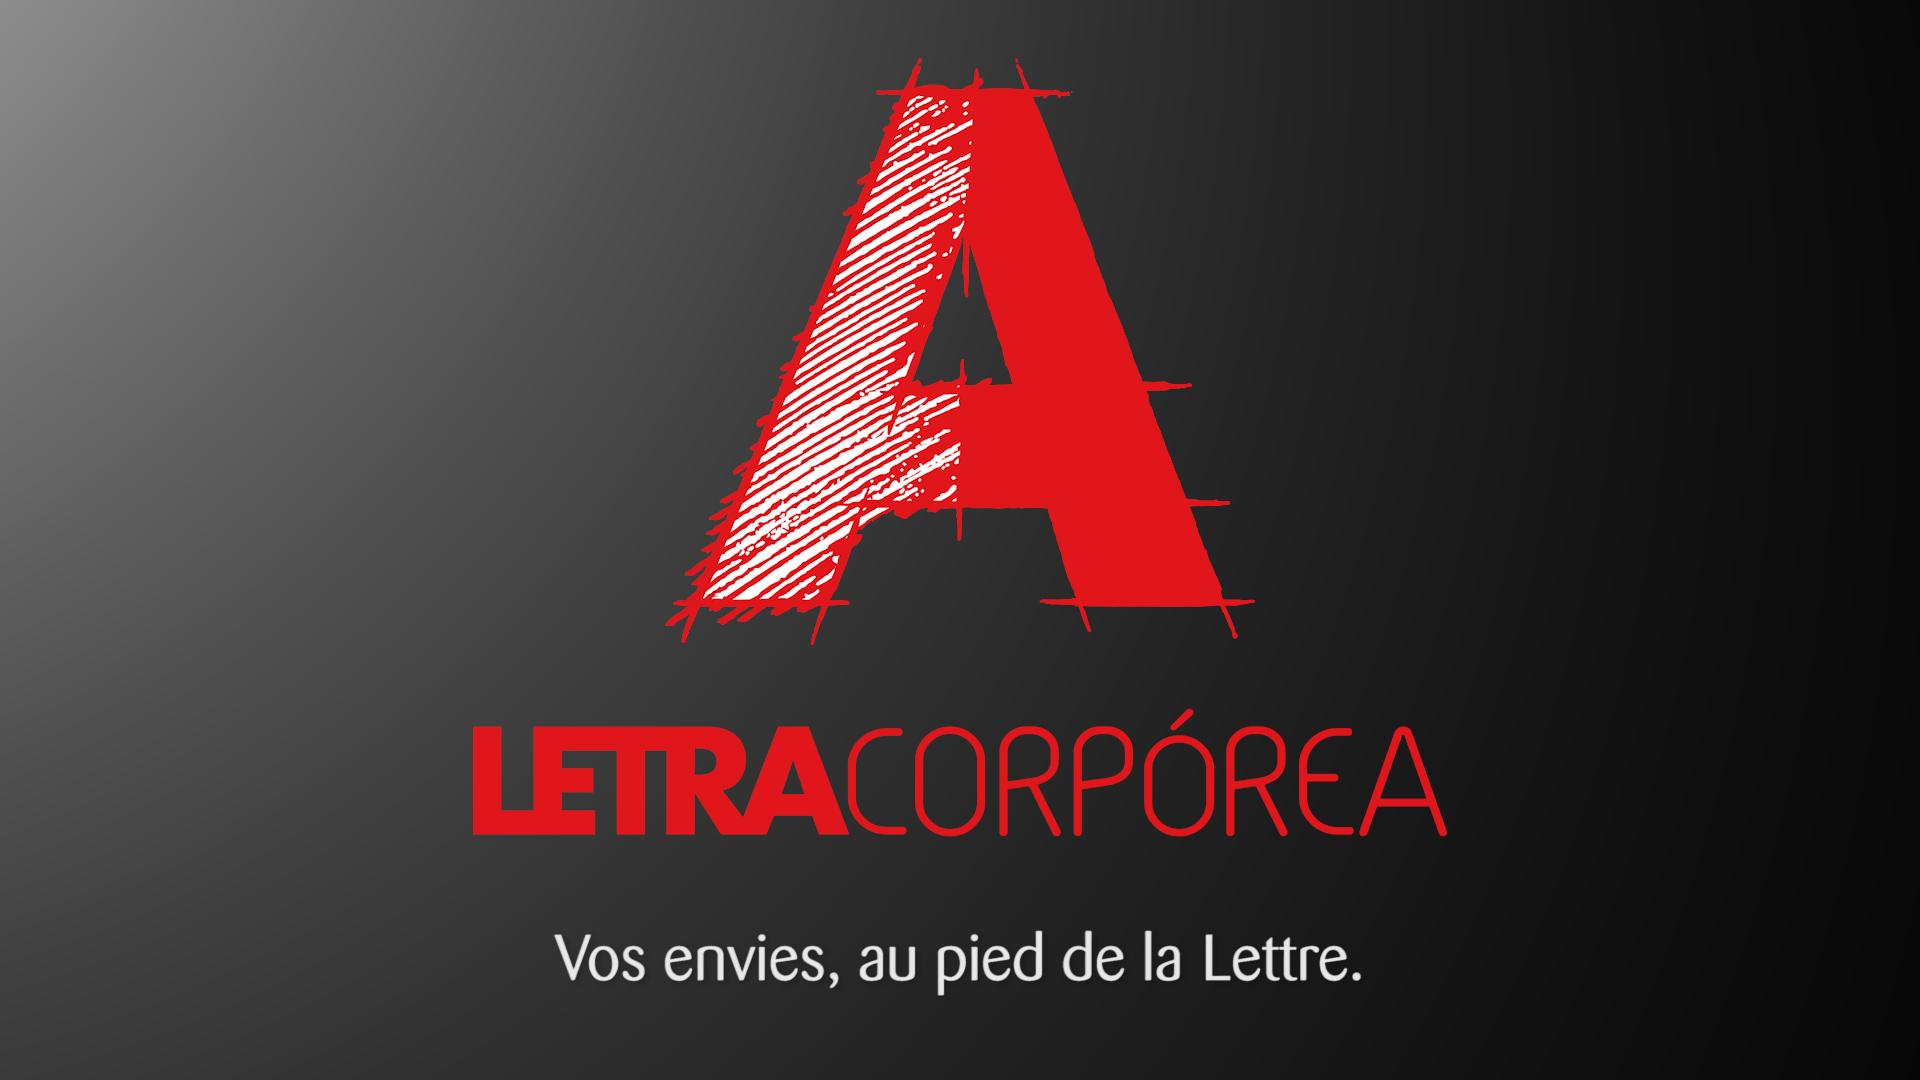 Letra Corporea - Vos envies au pied de la lettre